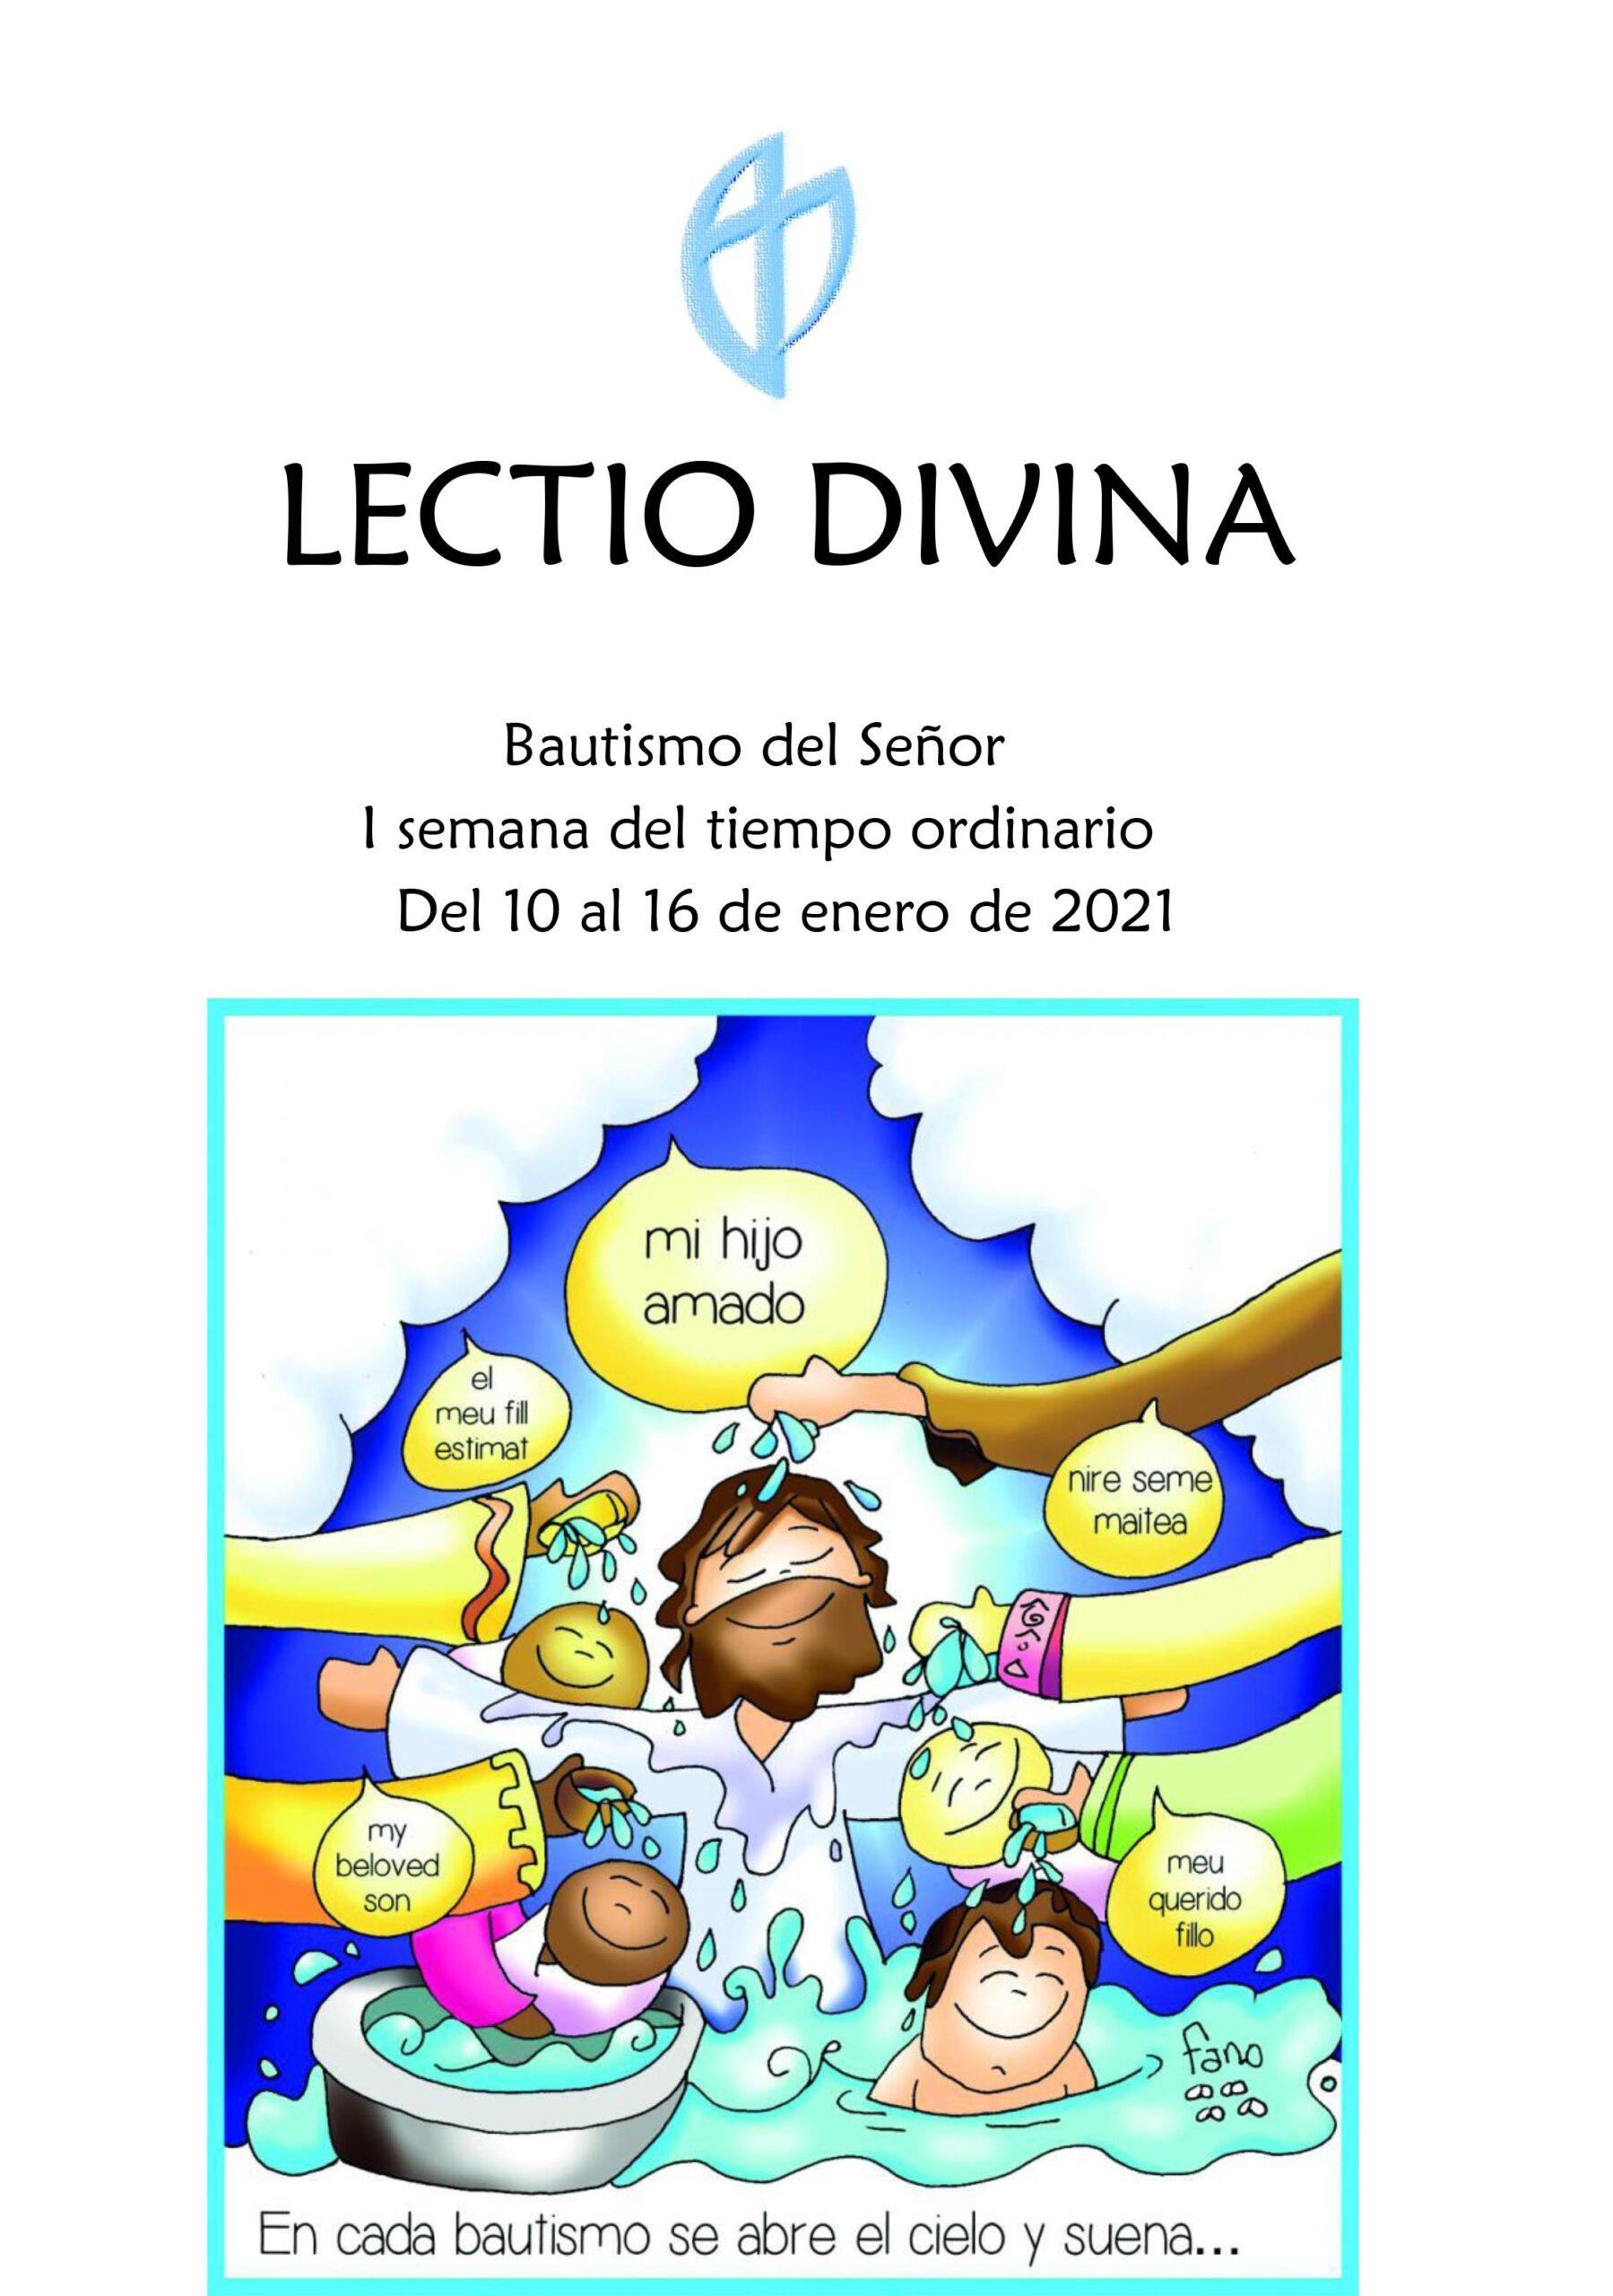 Bautismo del Señor I semana del tiempo ordinario (Del 10 al 16 de enero de 2021)